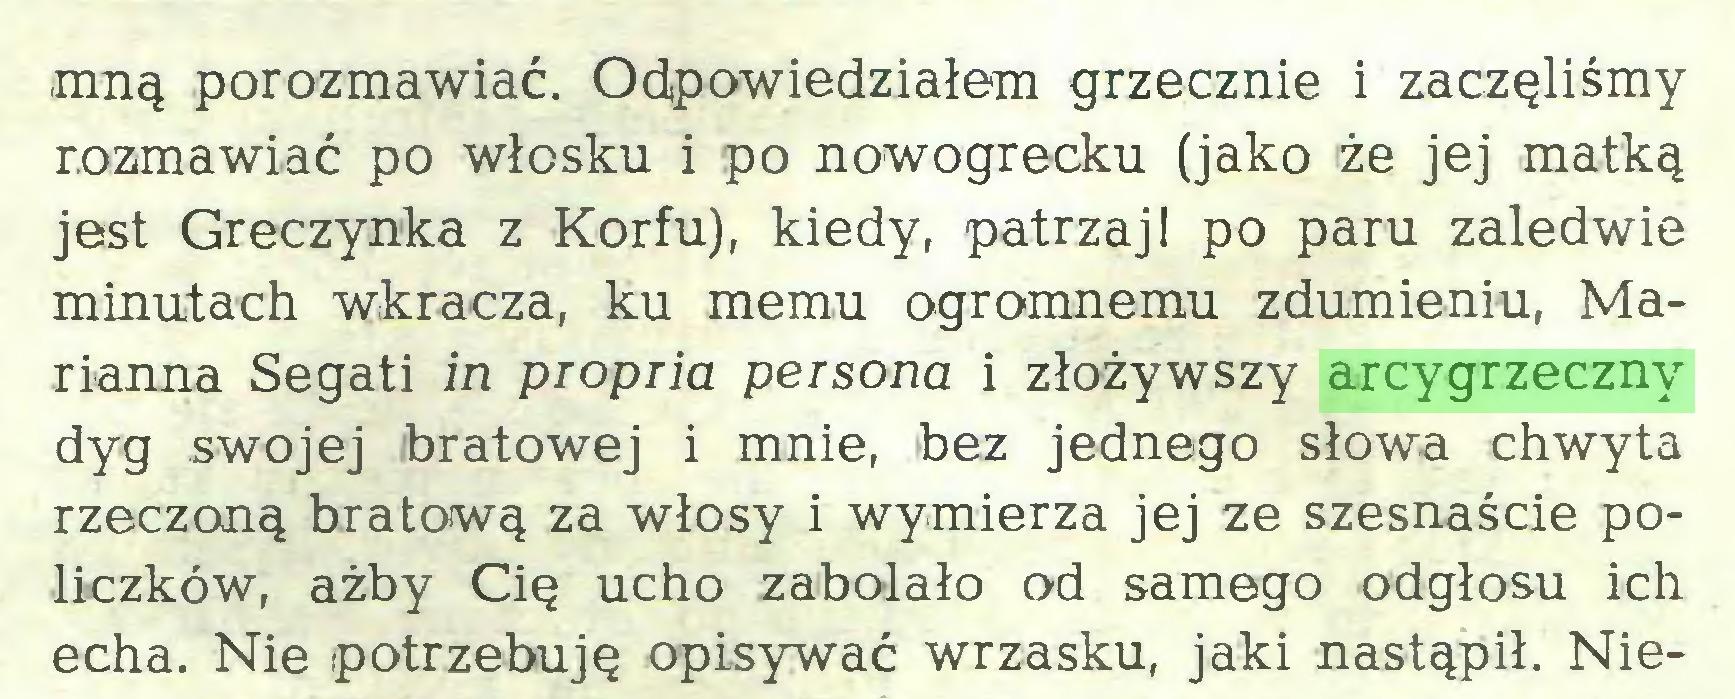 (...) .mną porozmawiać. Odpowiedziałem grzecznie i zaczęliśmy rozmawiać po włosku i po nowogrecku (jako że jej matką jest Greczynka z Korfu), kiedy, patrzaj! po paru zaledwie minutach wkracza, ku memu ogromnemu zdumieniu, Marianna Segati in propria persona i złożywszy arcygrzeczny dyg swojej (bratowej i mnie, bez jednego słowa chwyta rzeczoną bratową za włosy i wymierza jej ze szesnaście policzków, ażby Cię ucho zabolało od samego odgłosu ich echa. Nie potrzebuję opisywać wrzasku, jaki nastąpił. Nie...